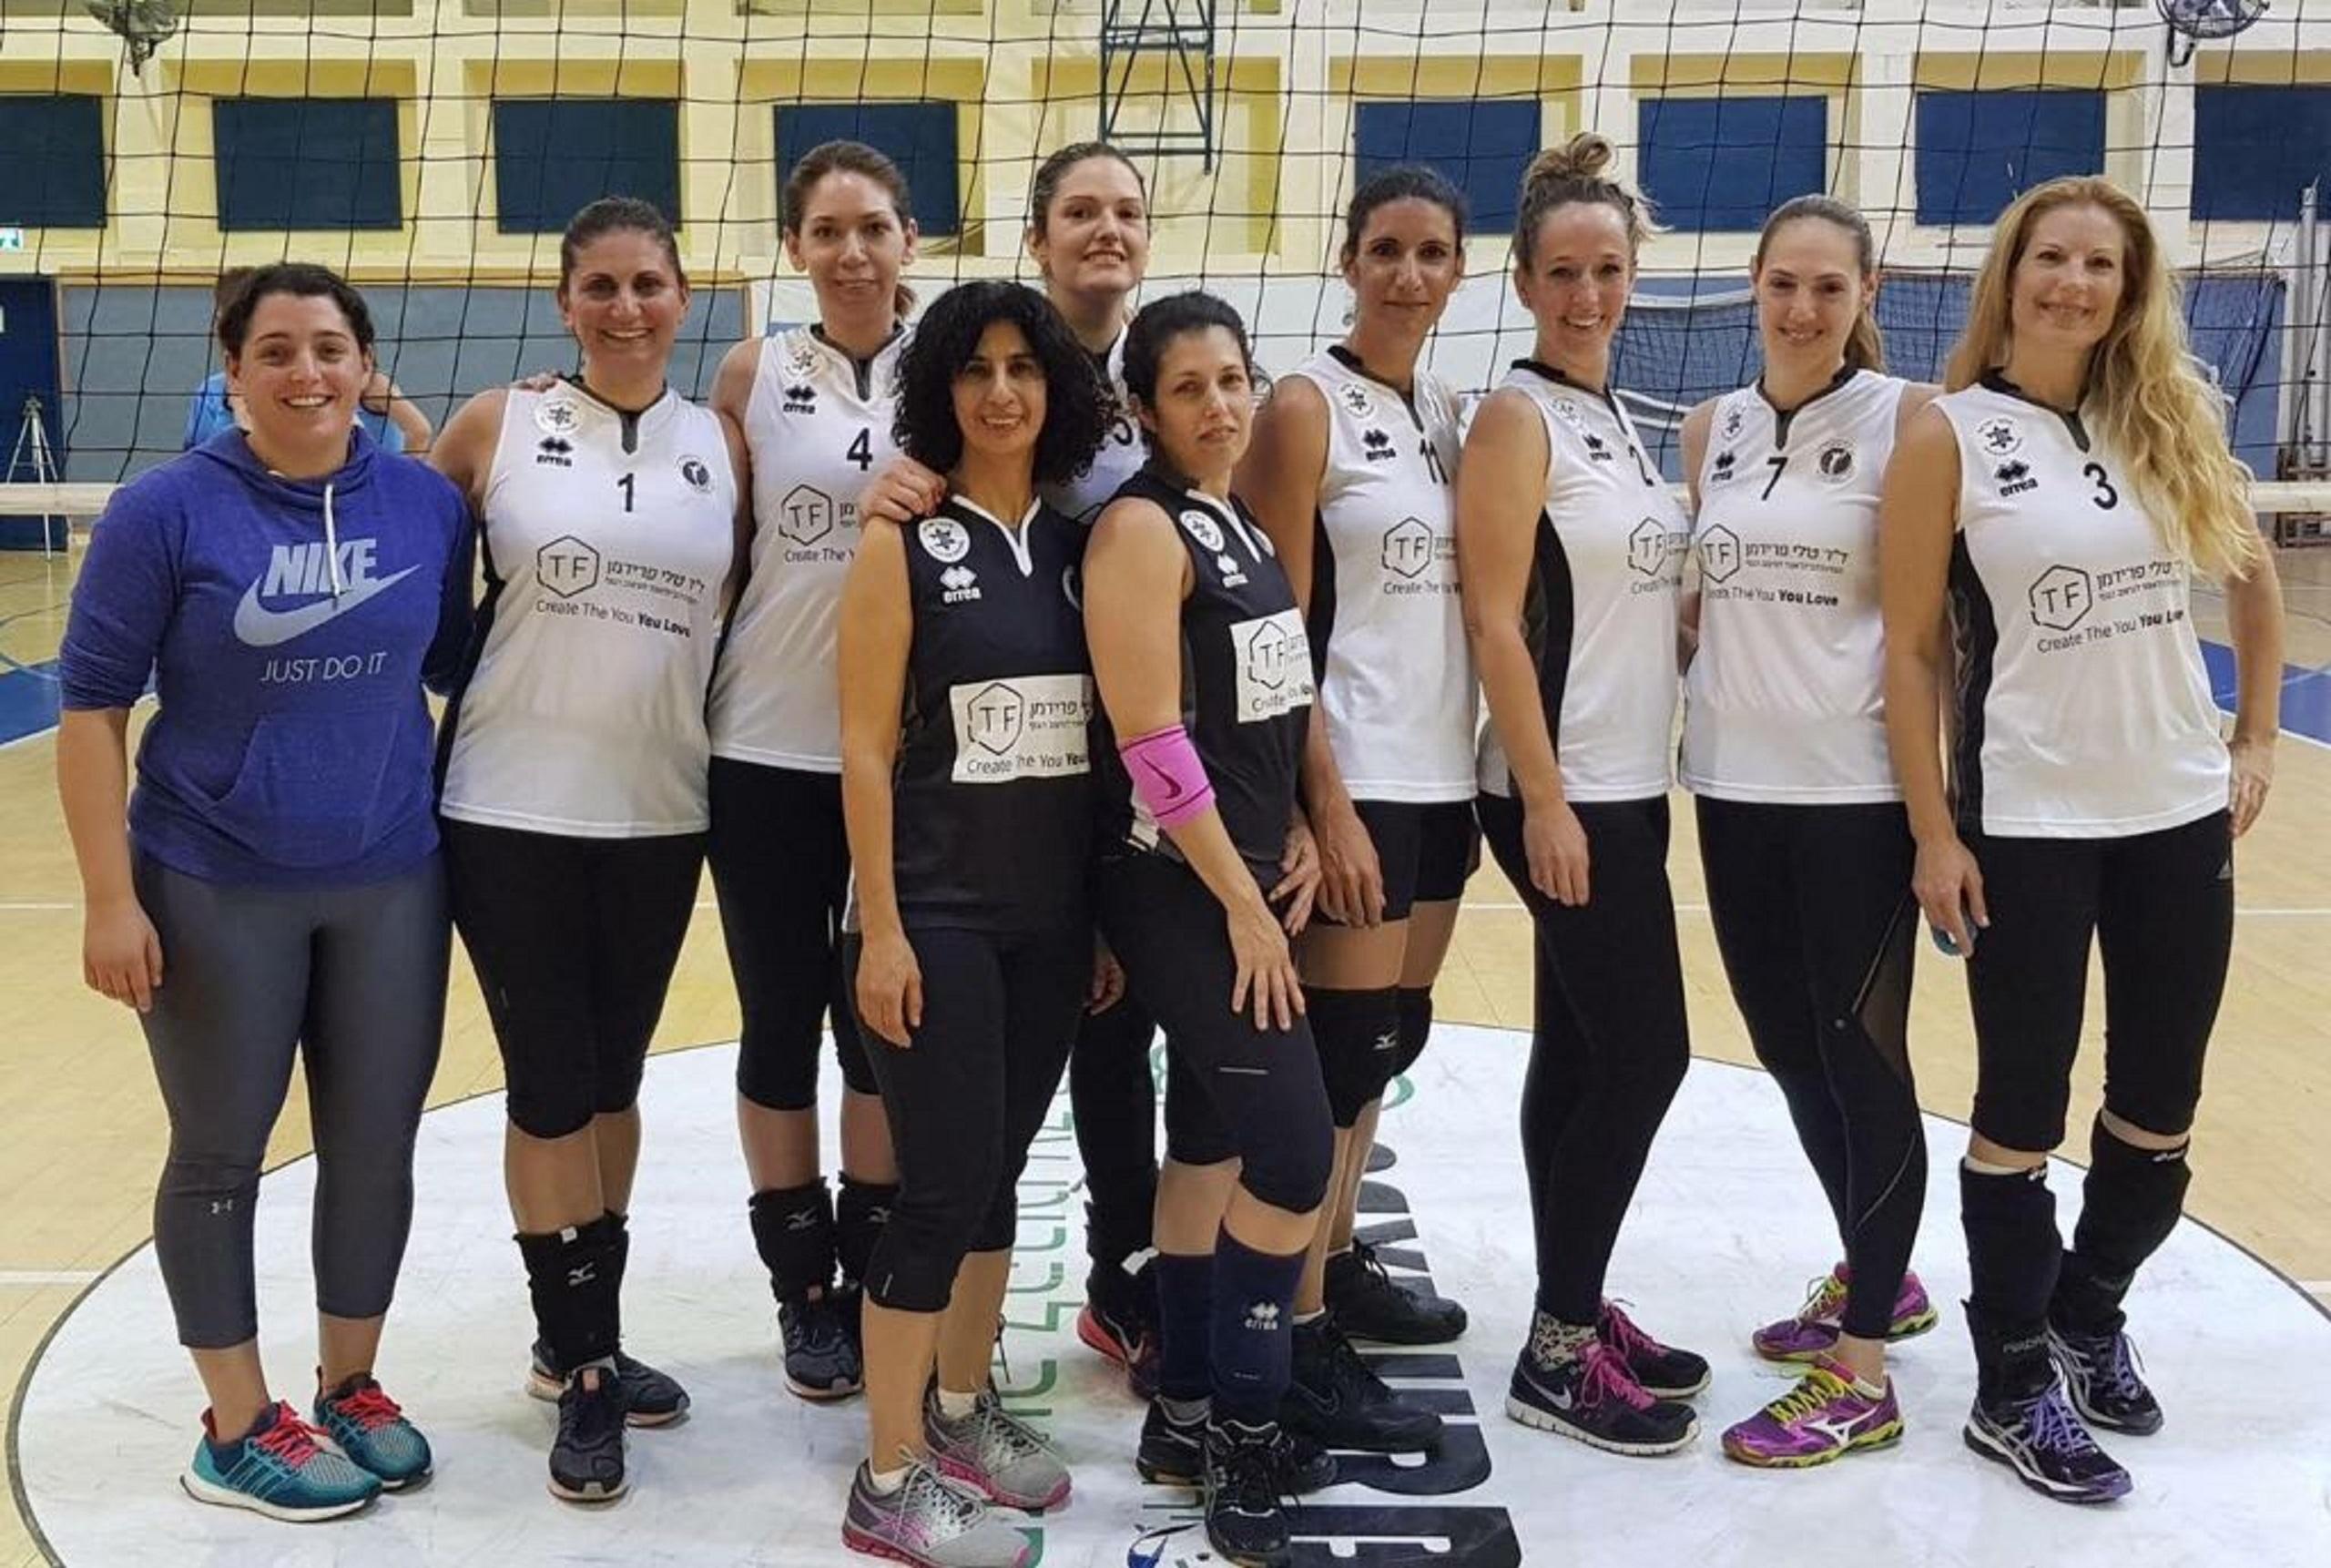 שחקניות קבוצת דורה (צילום: באדיבות איגוד הכדורשת)